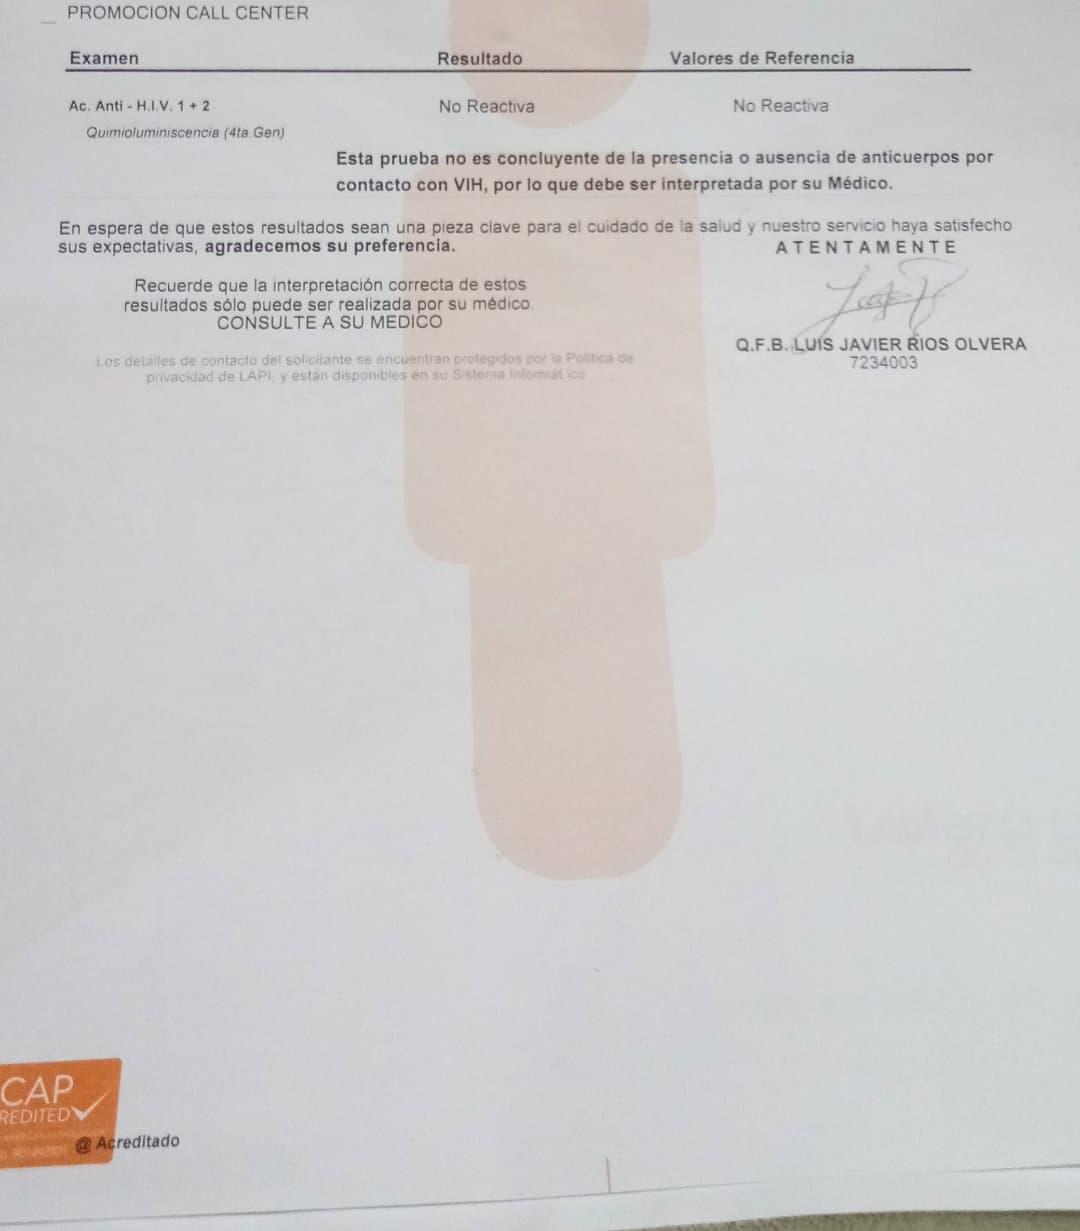 AYUDA CON INTERPRETACIÓN DE EXAMEN ELISA 4TA GENERACION ...